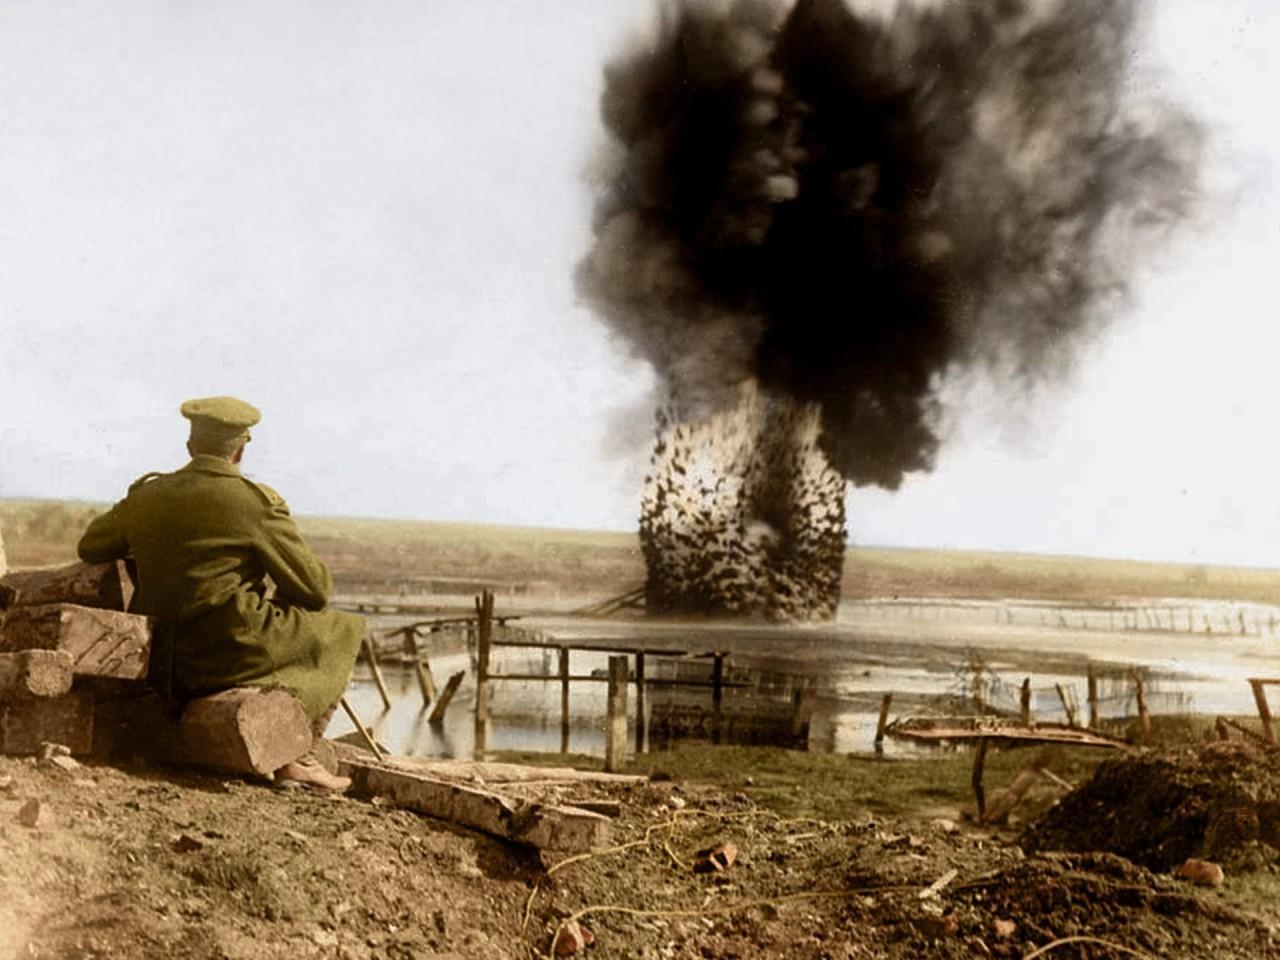 Управляемый взрыв на реке Сомма архивное фото, колоризация, колоризация фотографий, колоризированные снимки, первая мировая, первая мировая война, фото войны